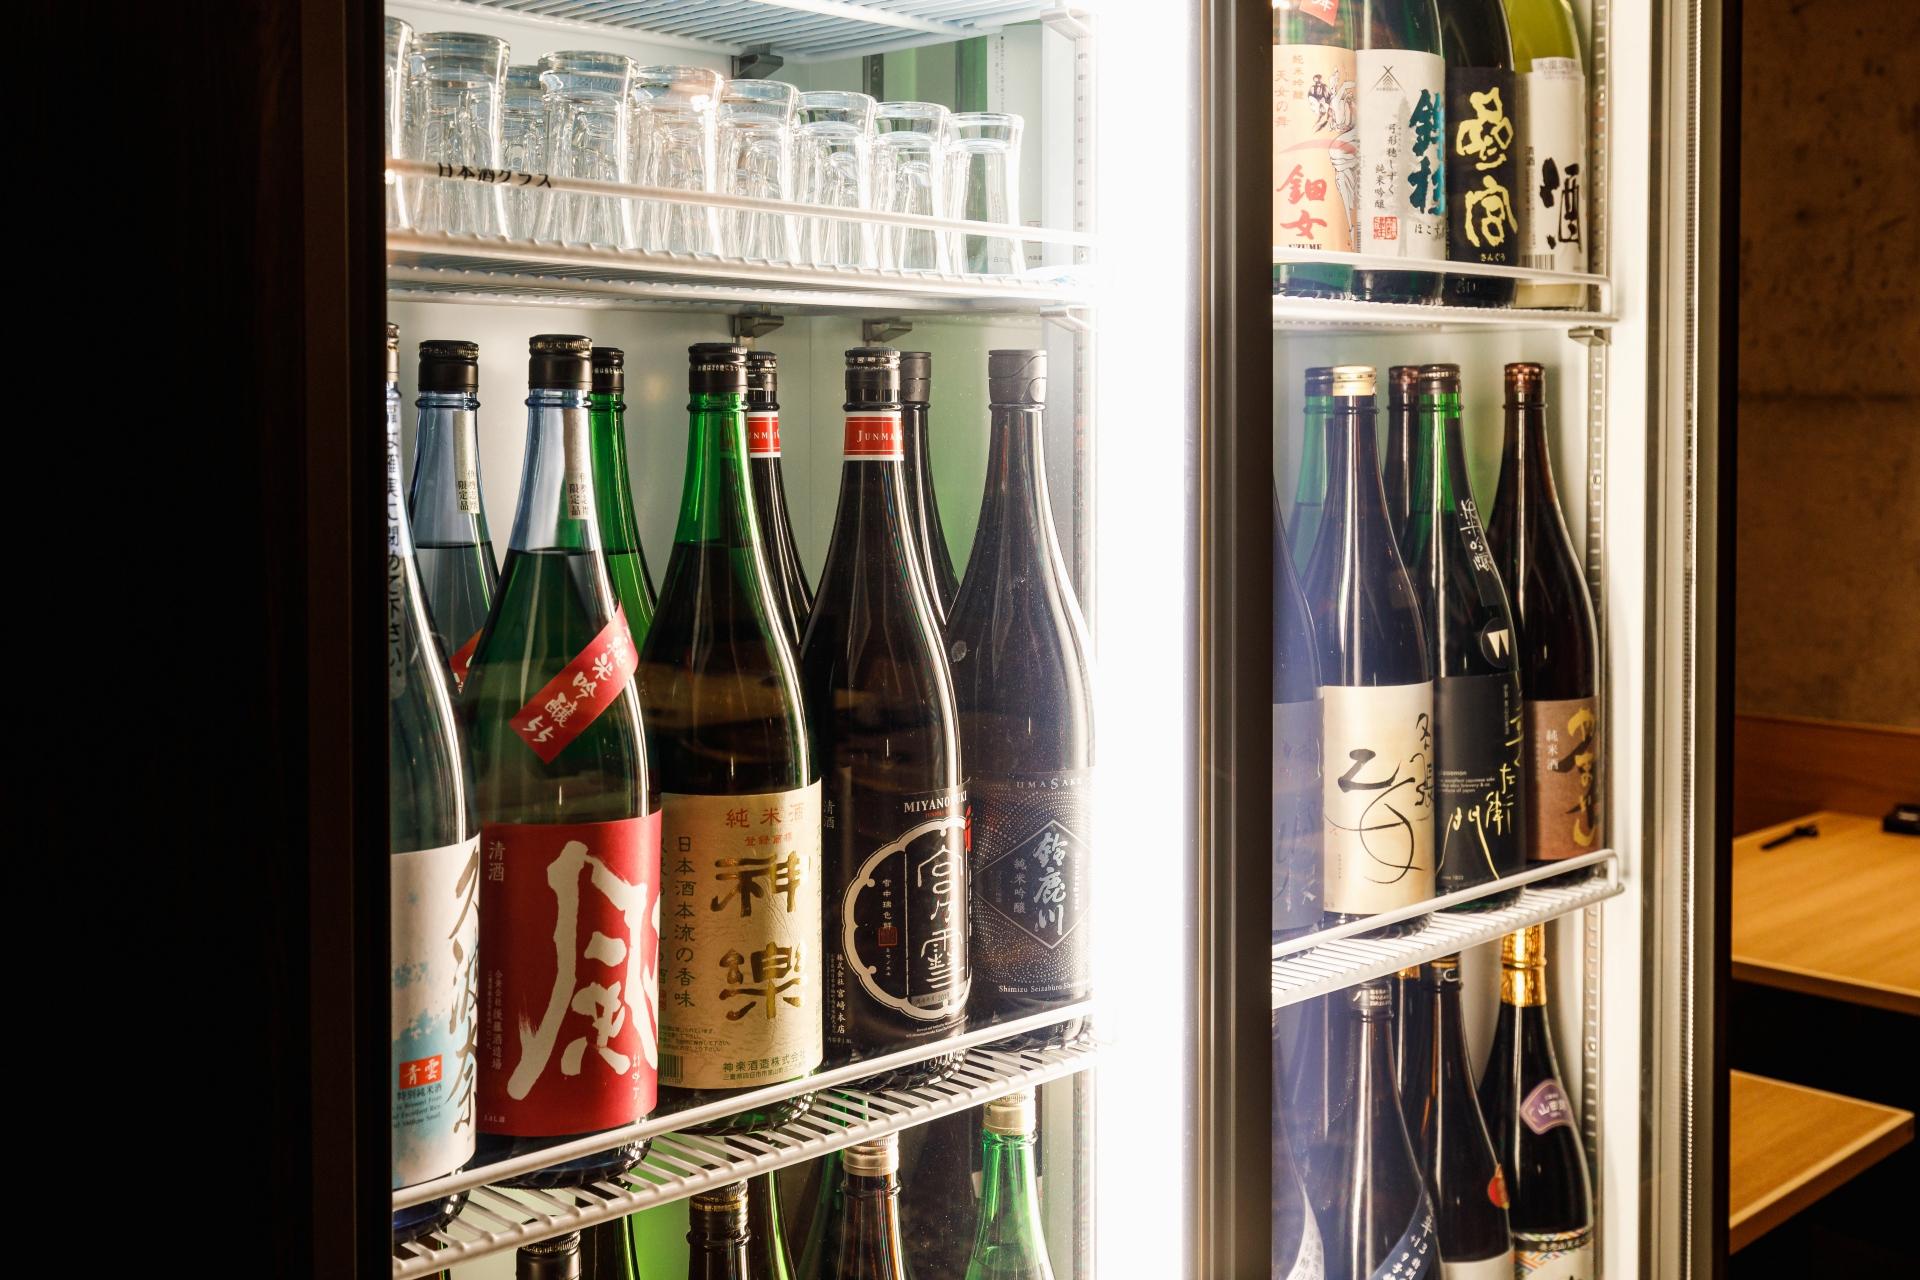 厳選和牛すき焼きをカジュアルに「月邸ト蕎⻨ SUKIYUNO」&絶品みえまぐろに舌鼓を打つ「日本酒とSAKANA 魚や」 - MG 2038